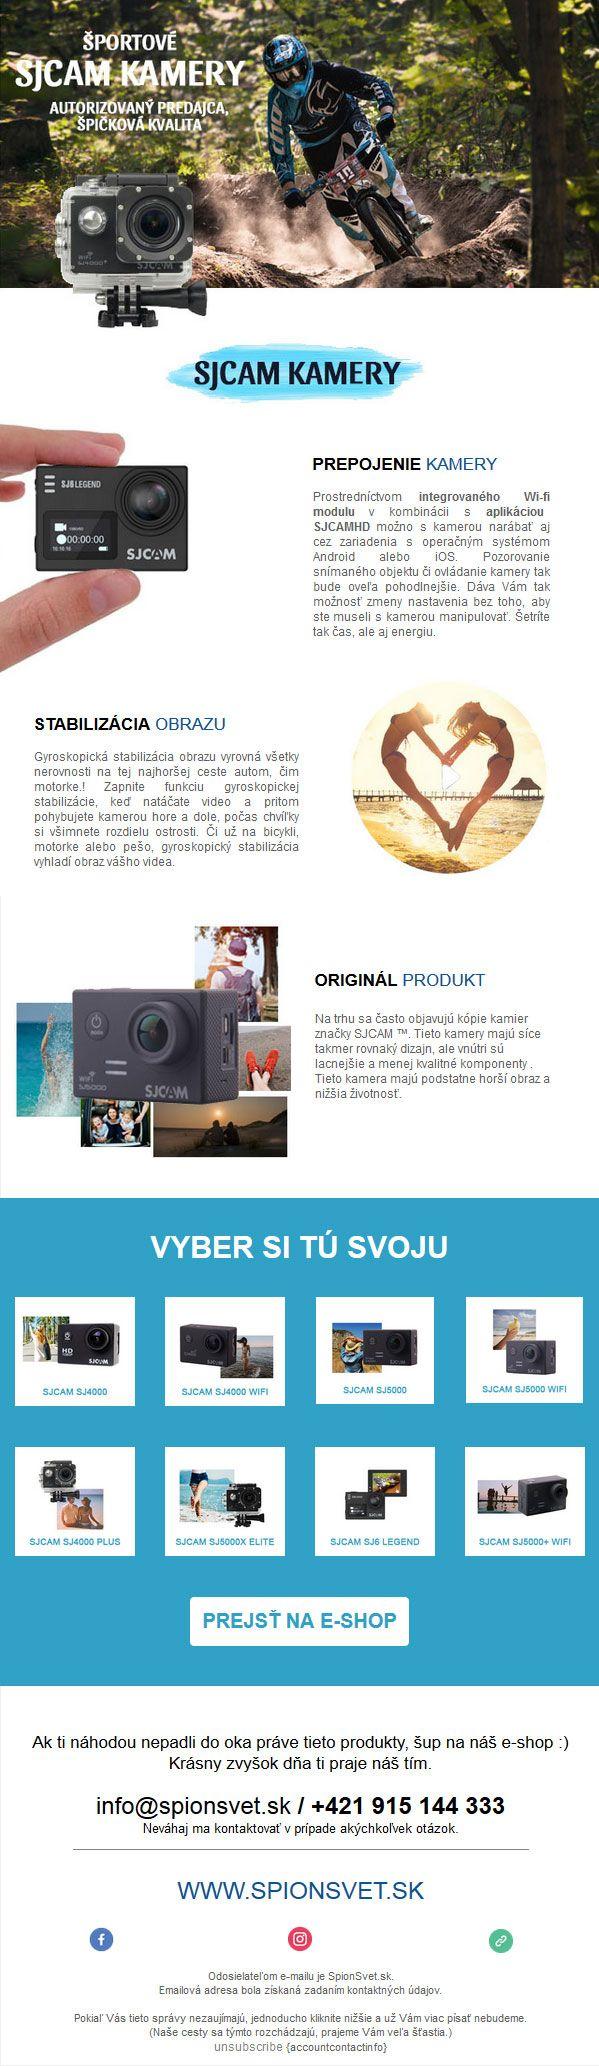 Newsletter pre nového zákazníka :) #newsletter, #dizajn #high_five_newsletter